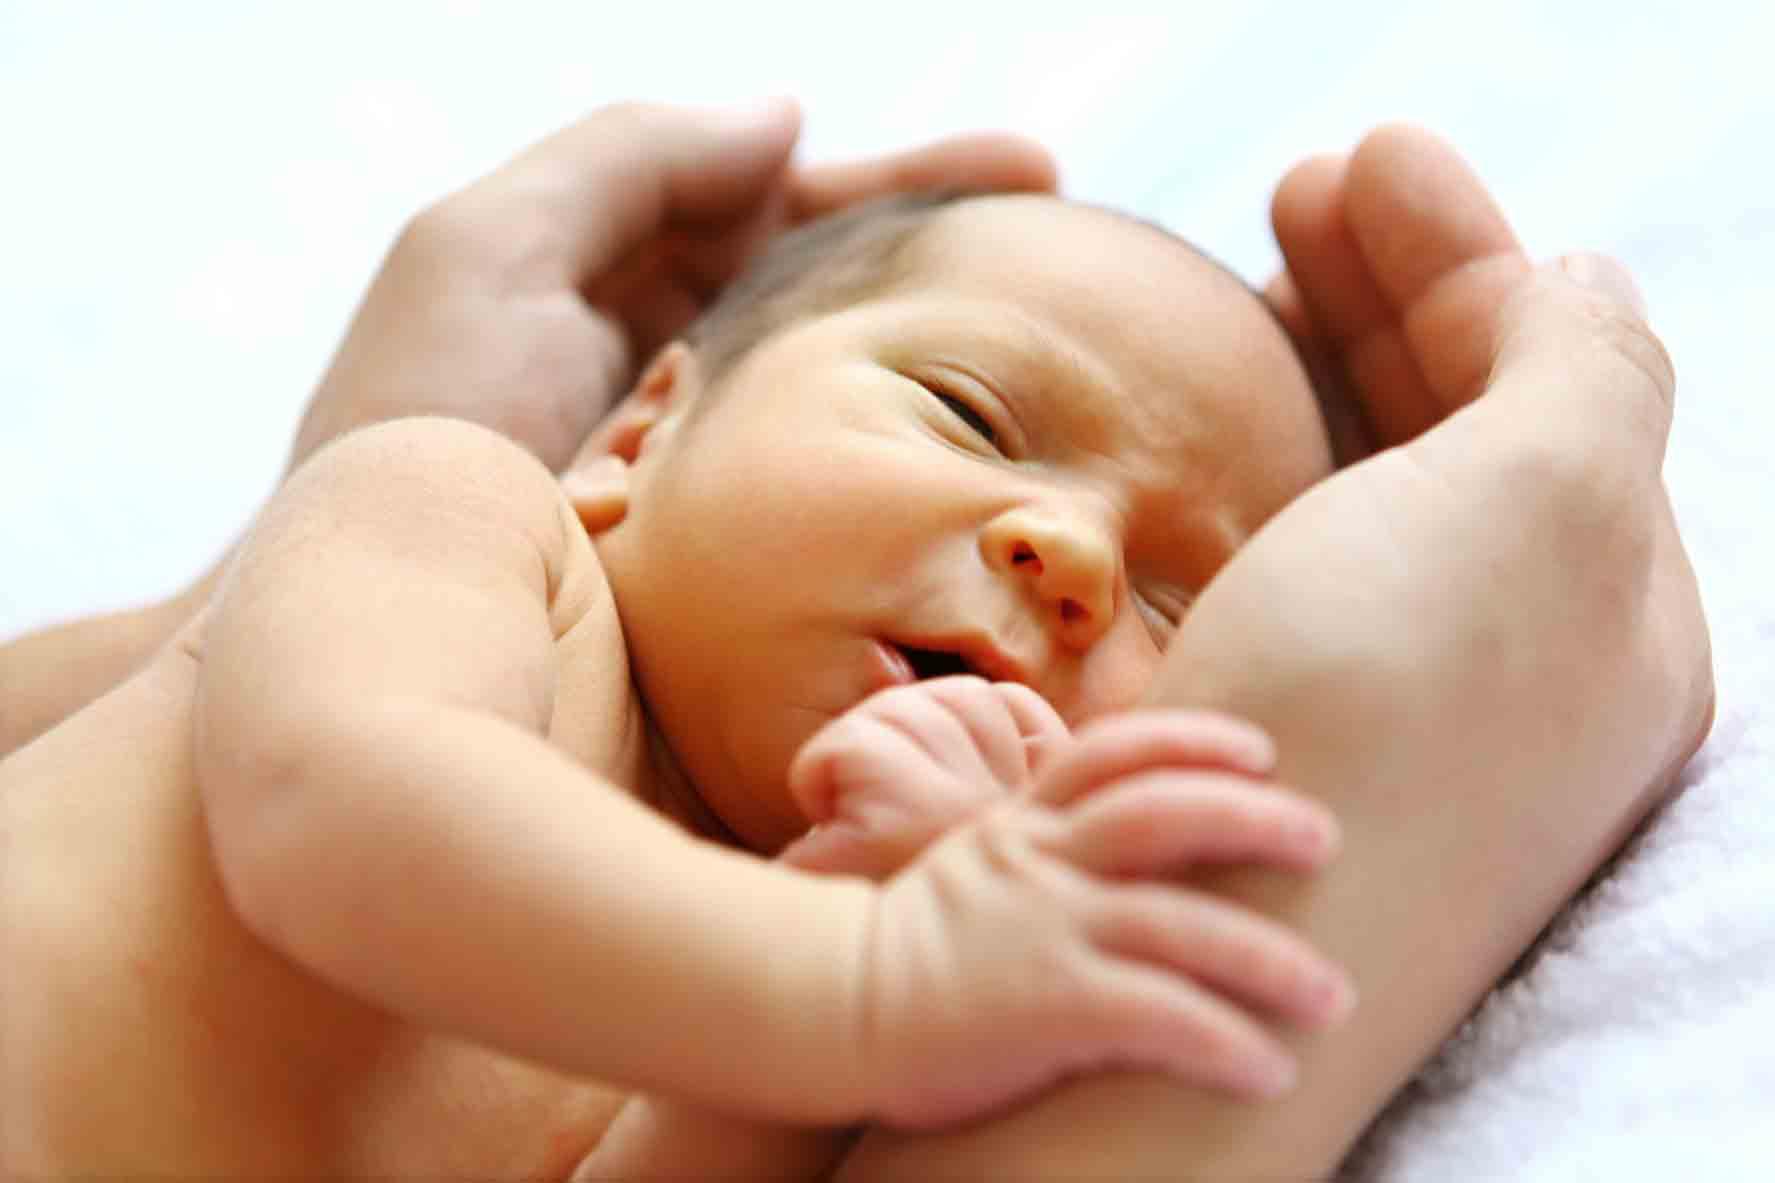 مراقبت از نوزاد | خدمات پرستاری مهرپرور